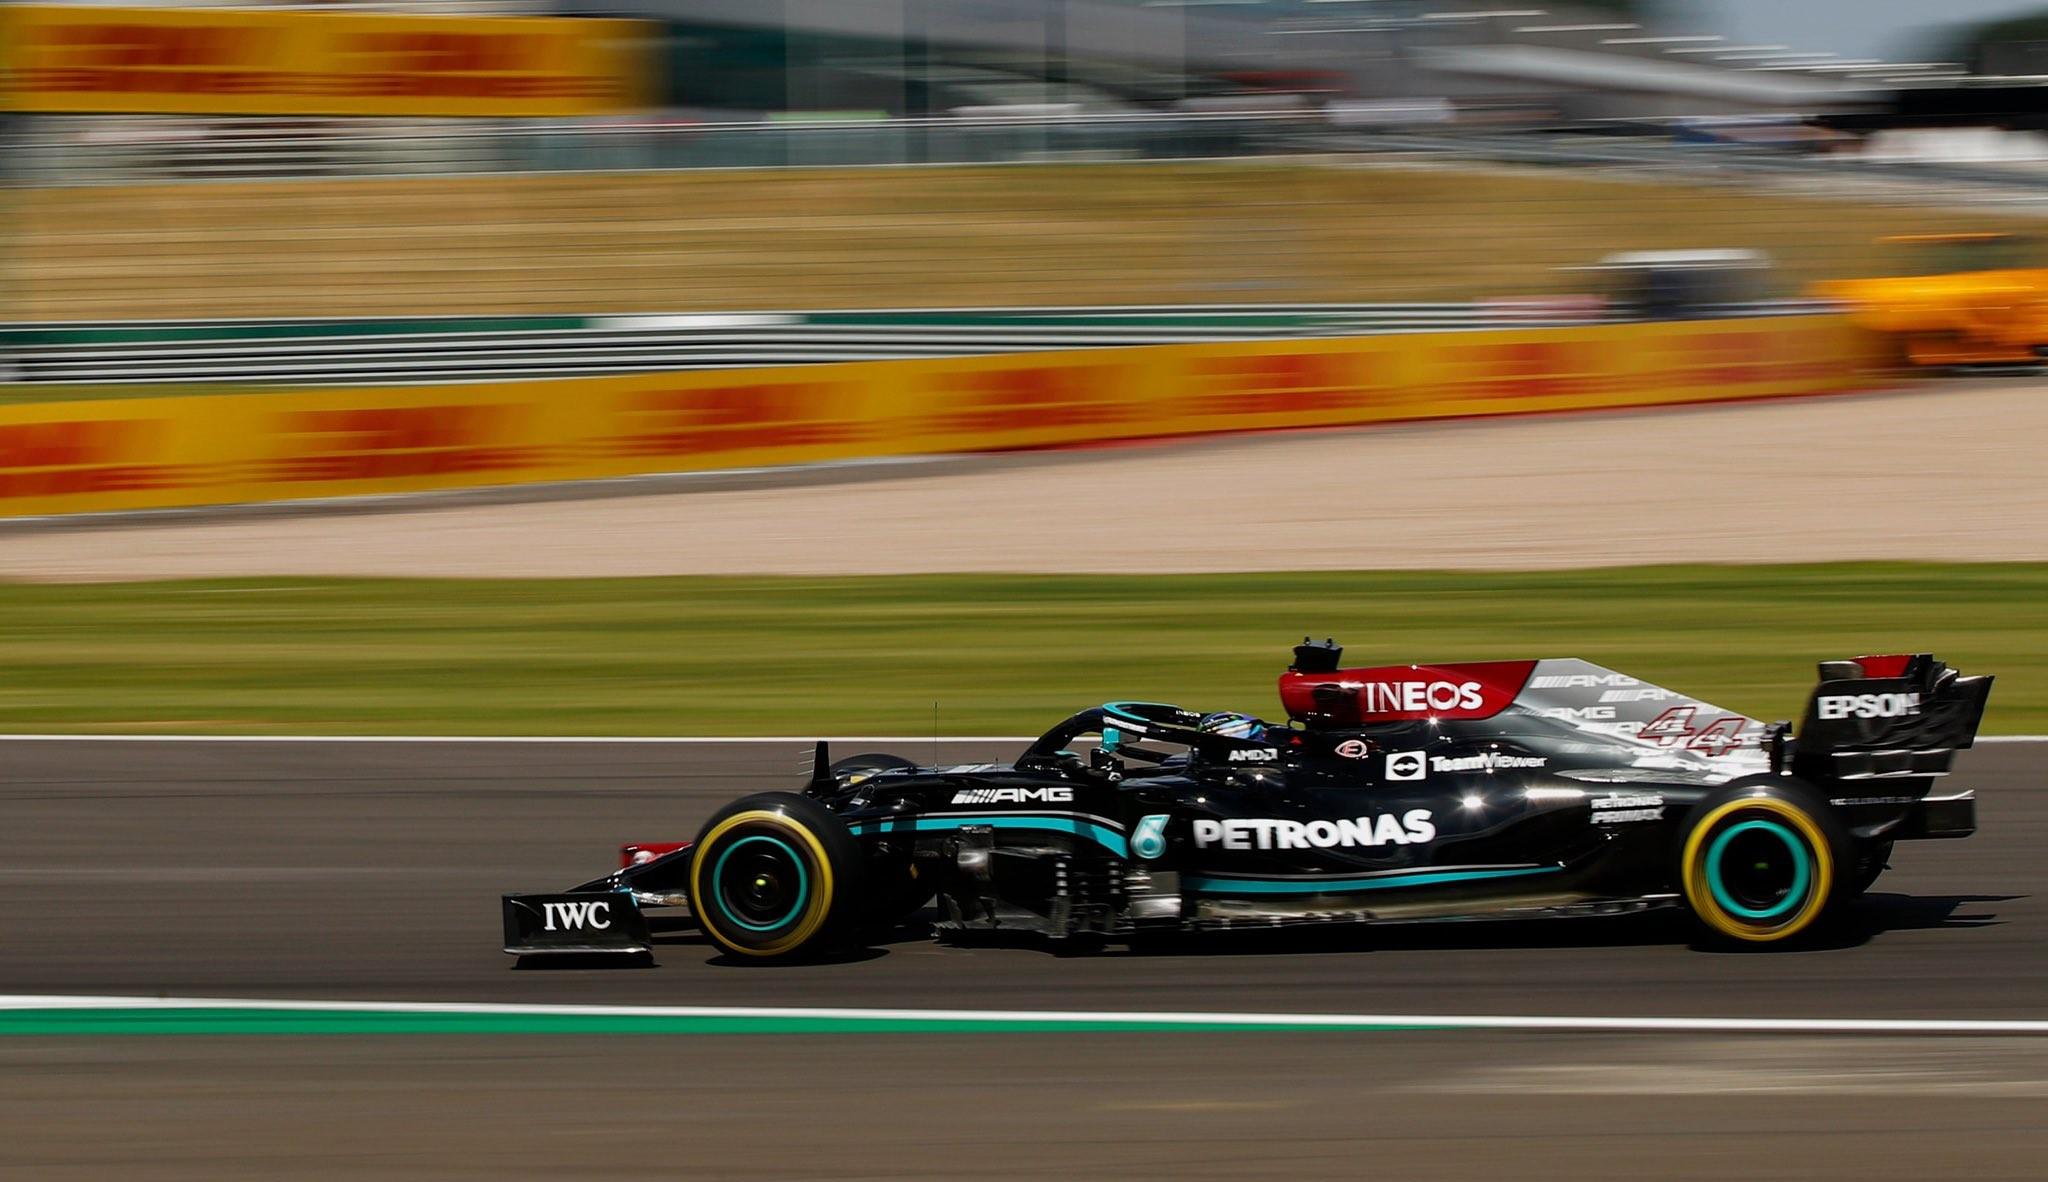 Gara Gp Silverstone: Hamilton vince una gara strepitosa, Leclerc magico in seconda posizione.